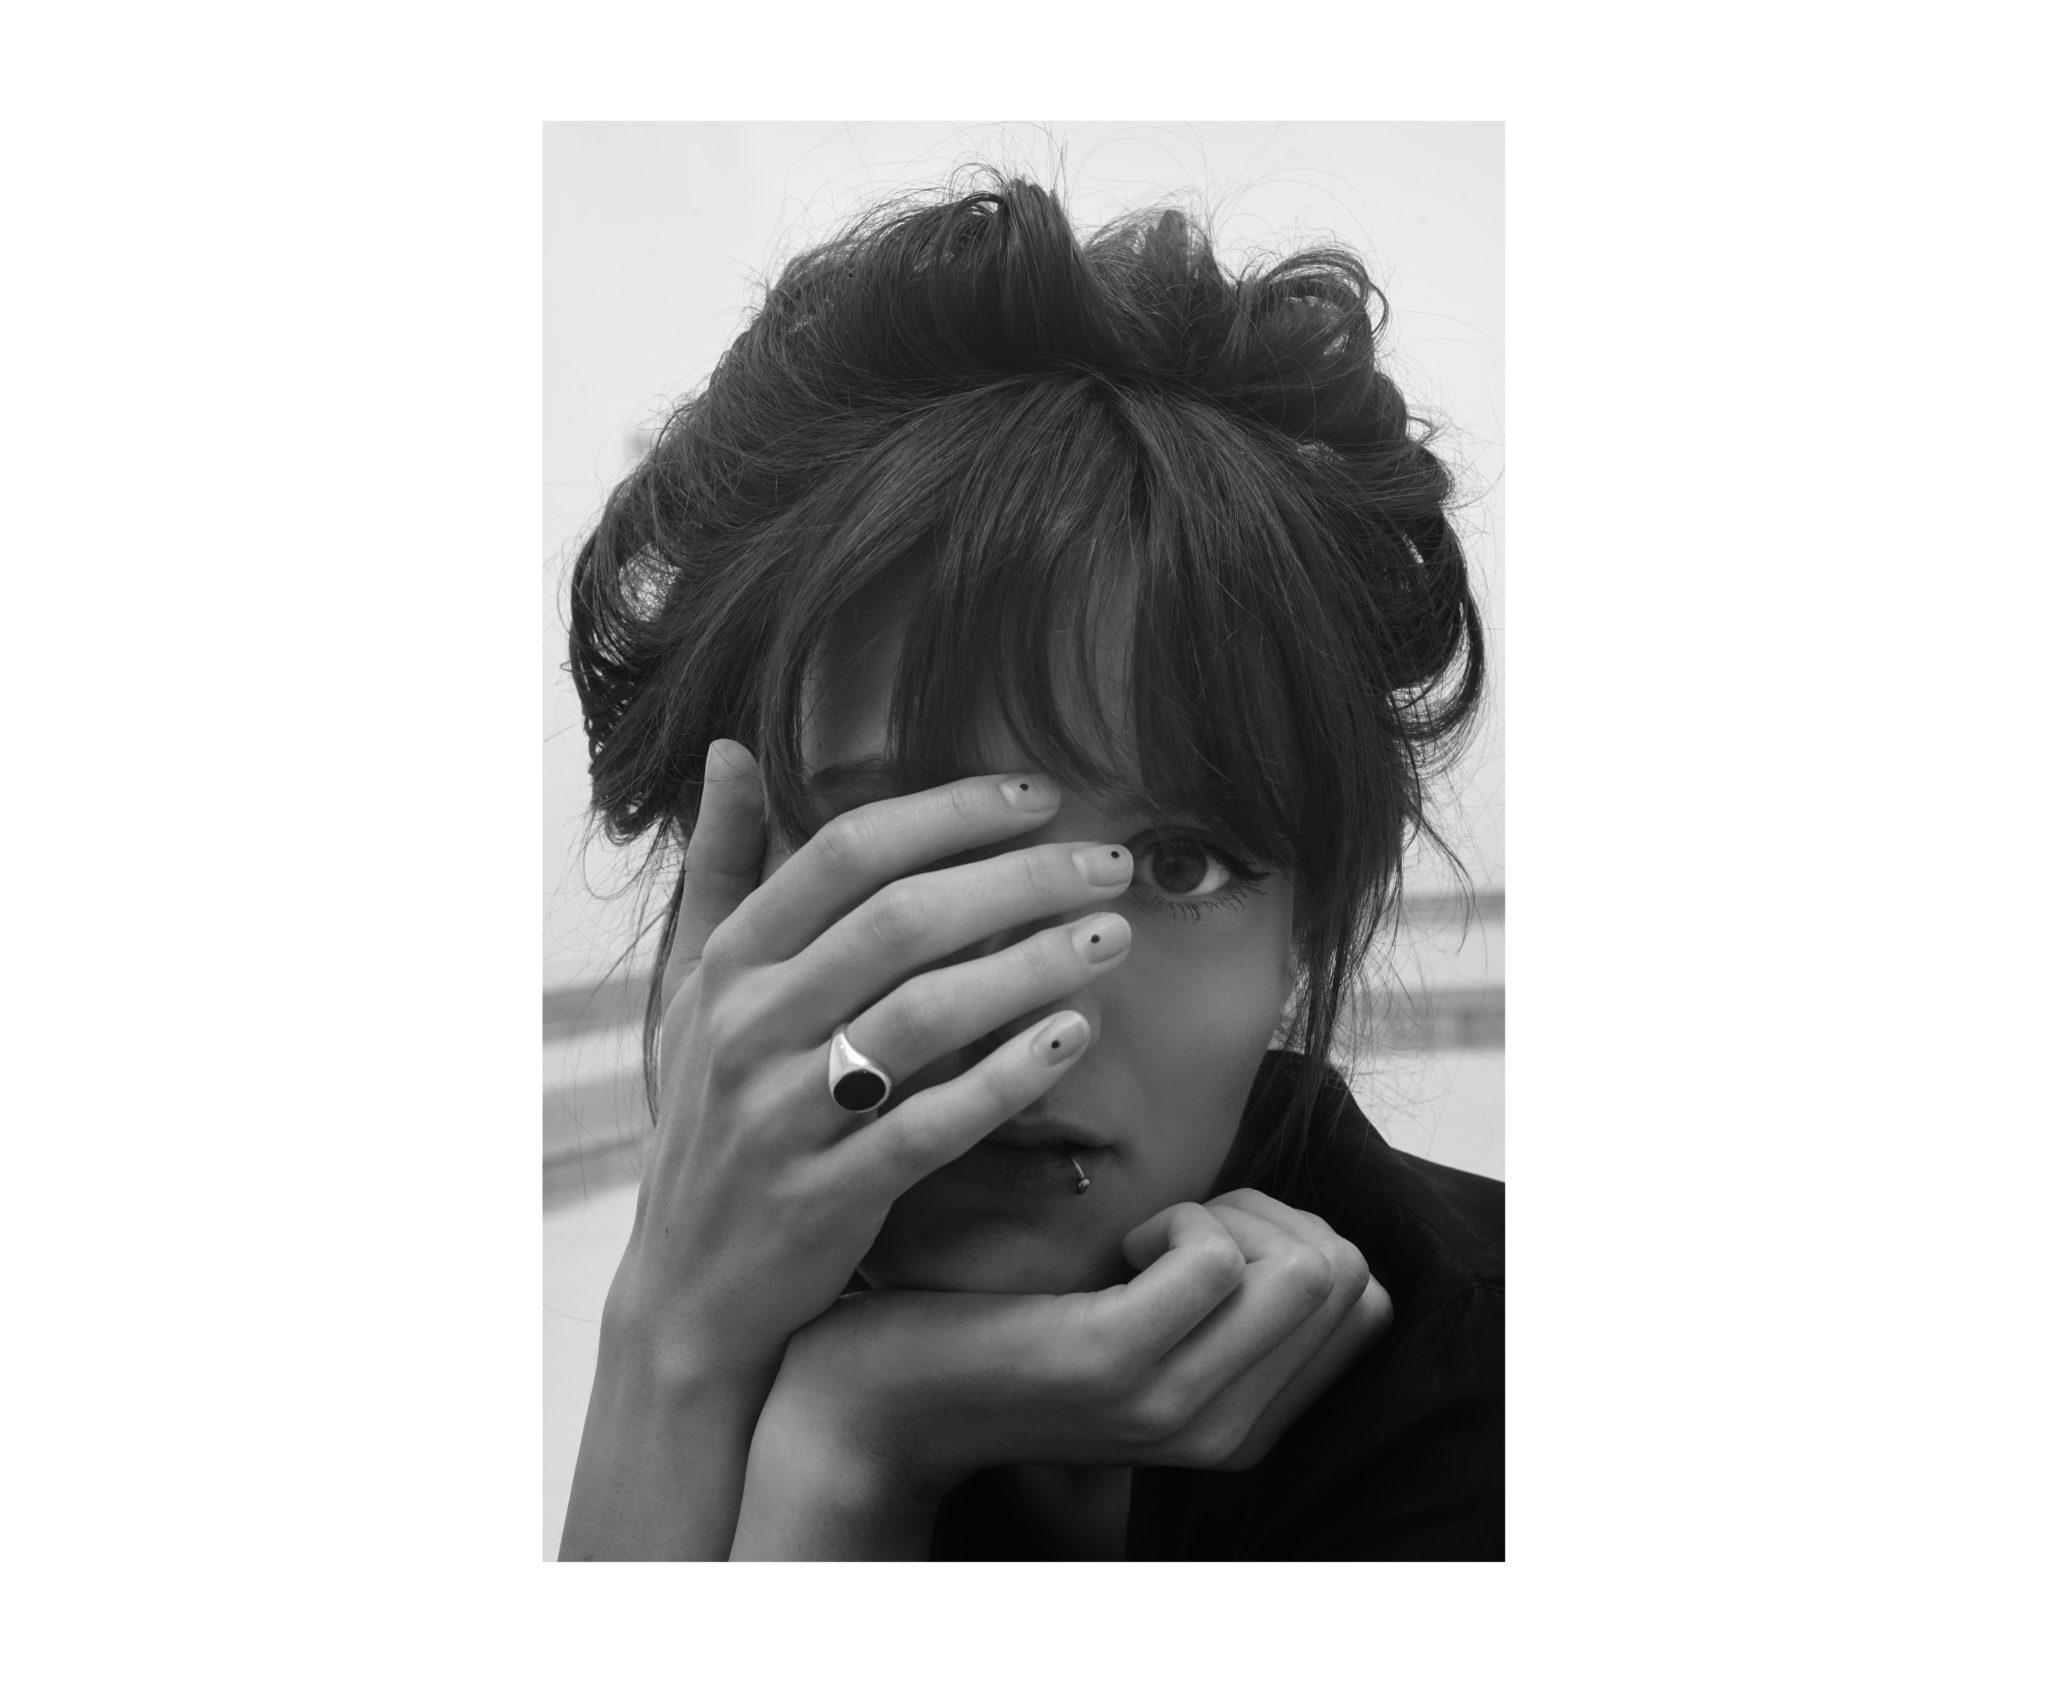 Na czarnobialym zdjeciu widzimy portret mlodej kobiety zakrywajaca dlonia twarz